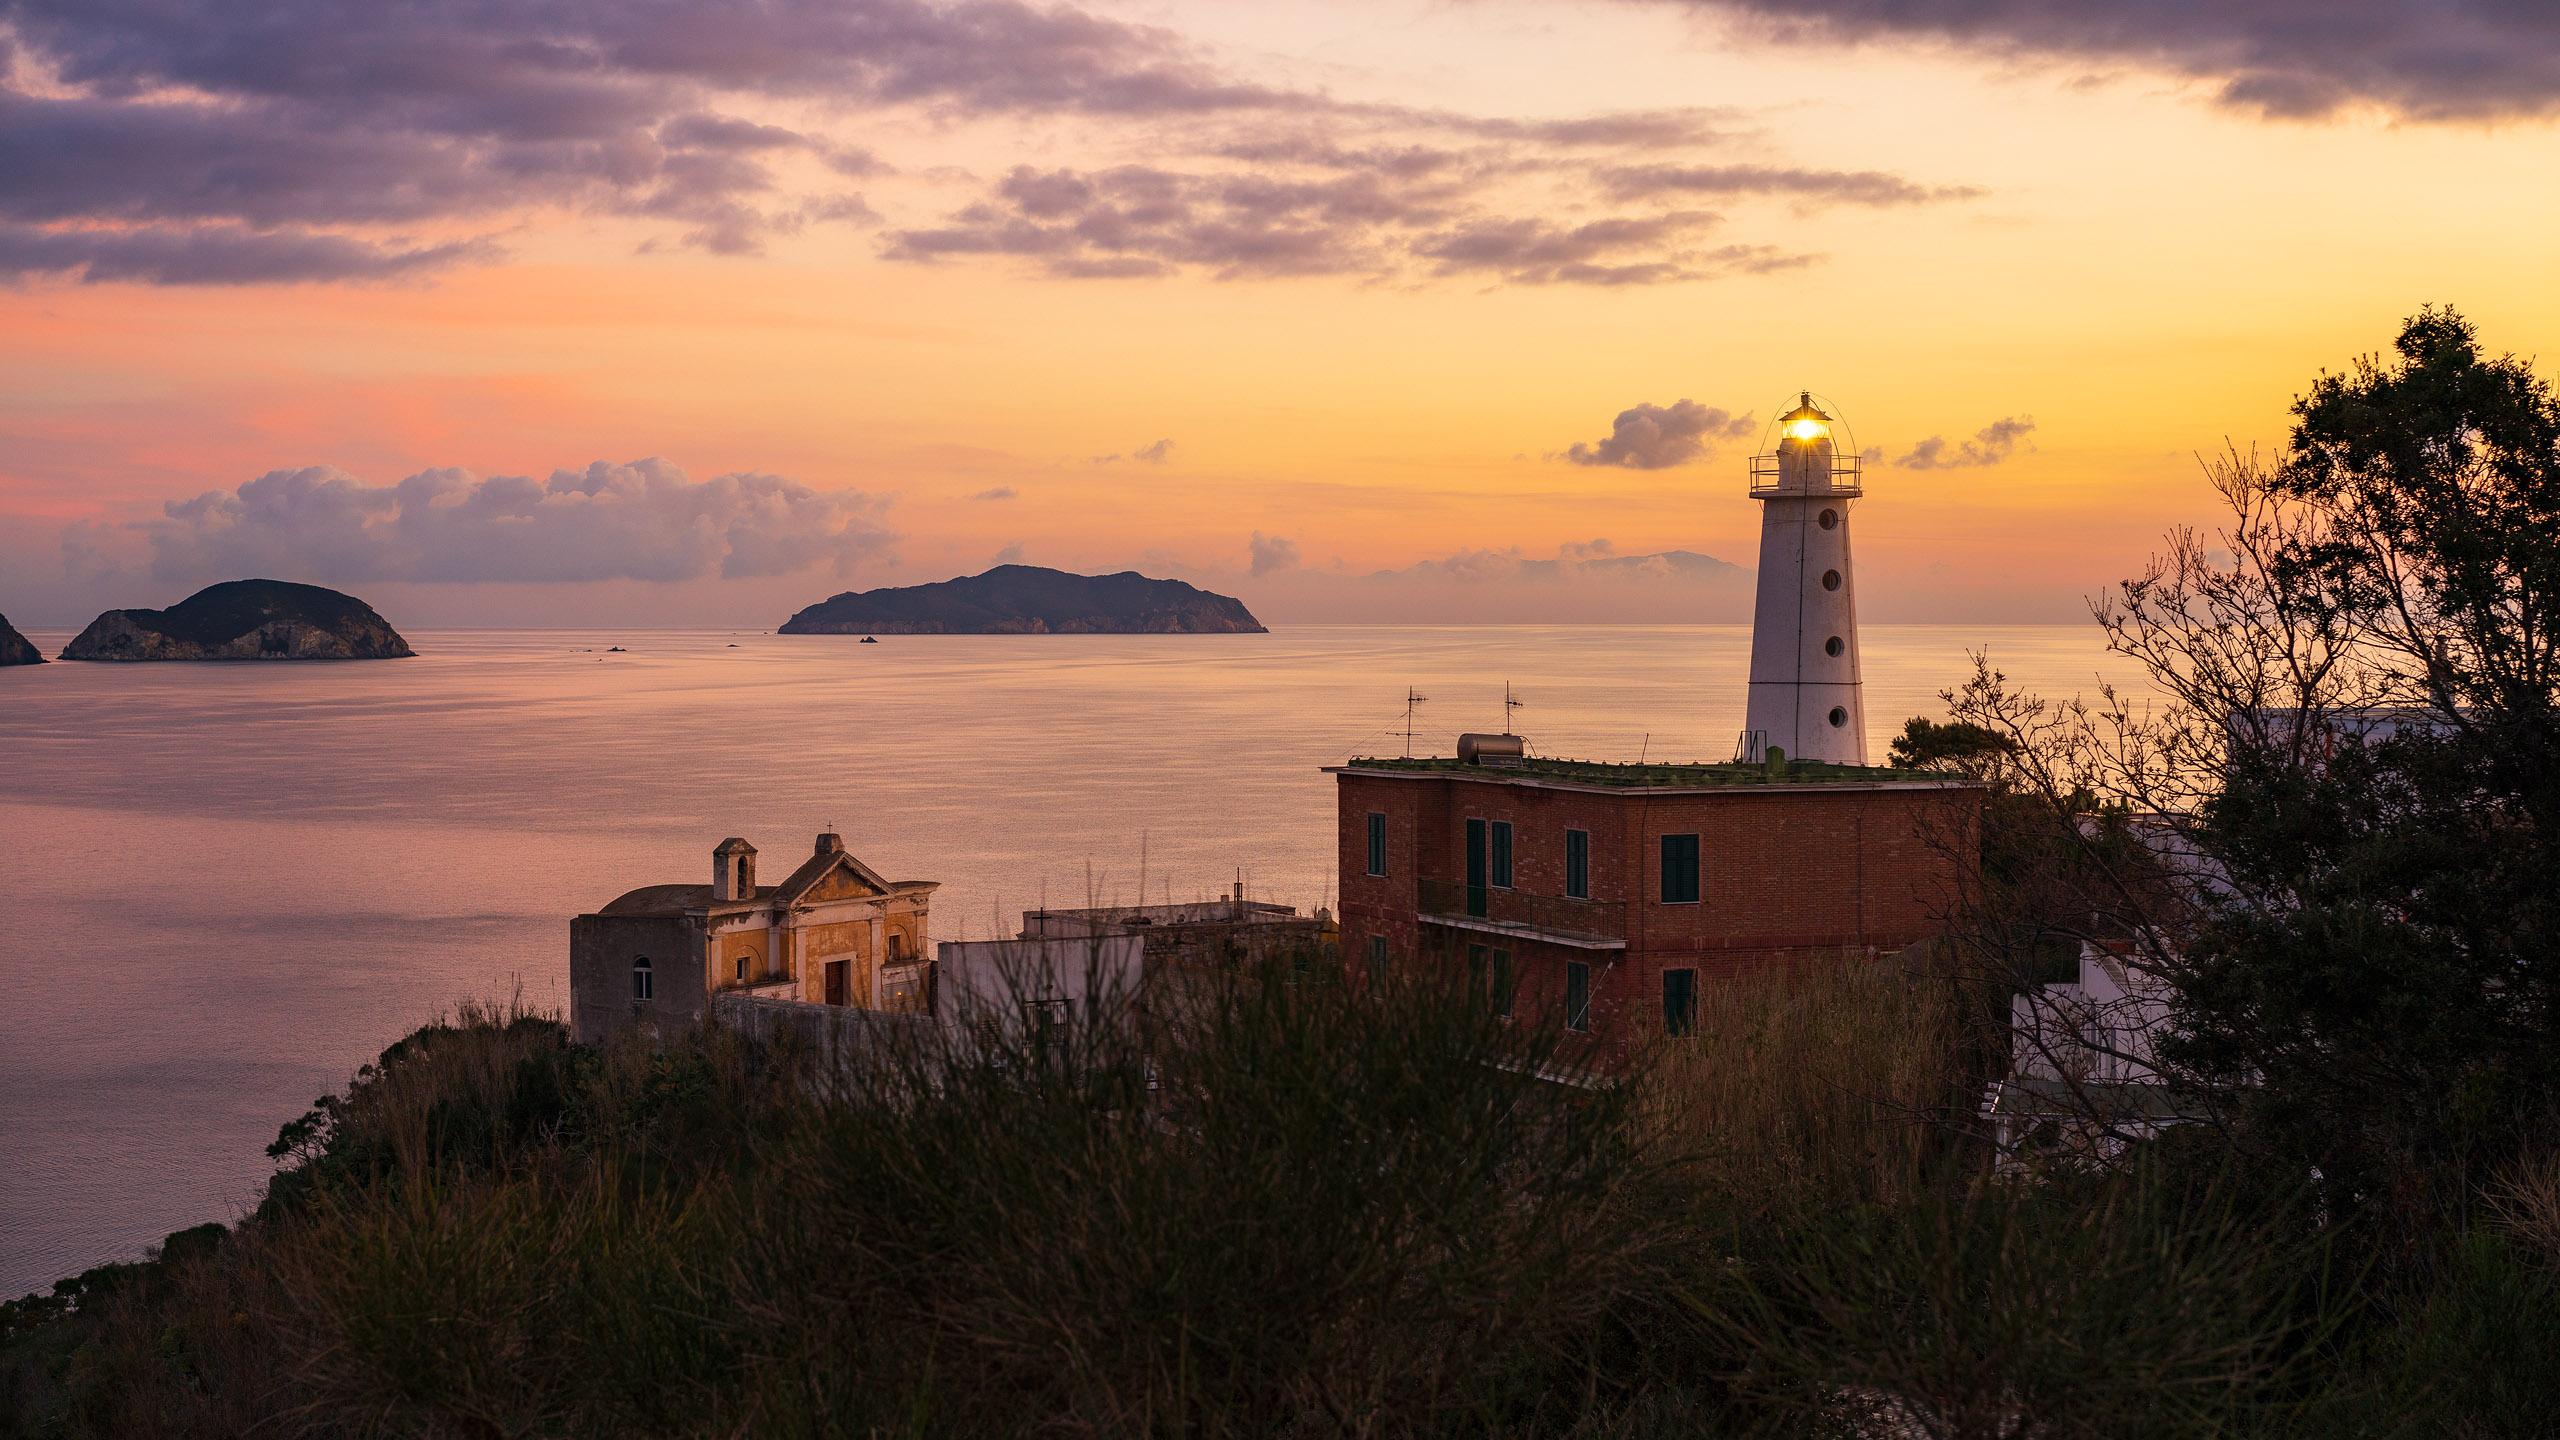 3 - Faro del porto Borbonico di Ponza